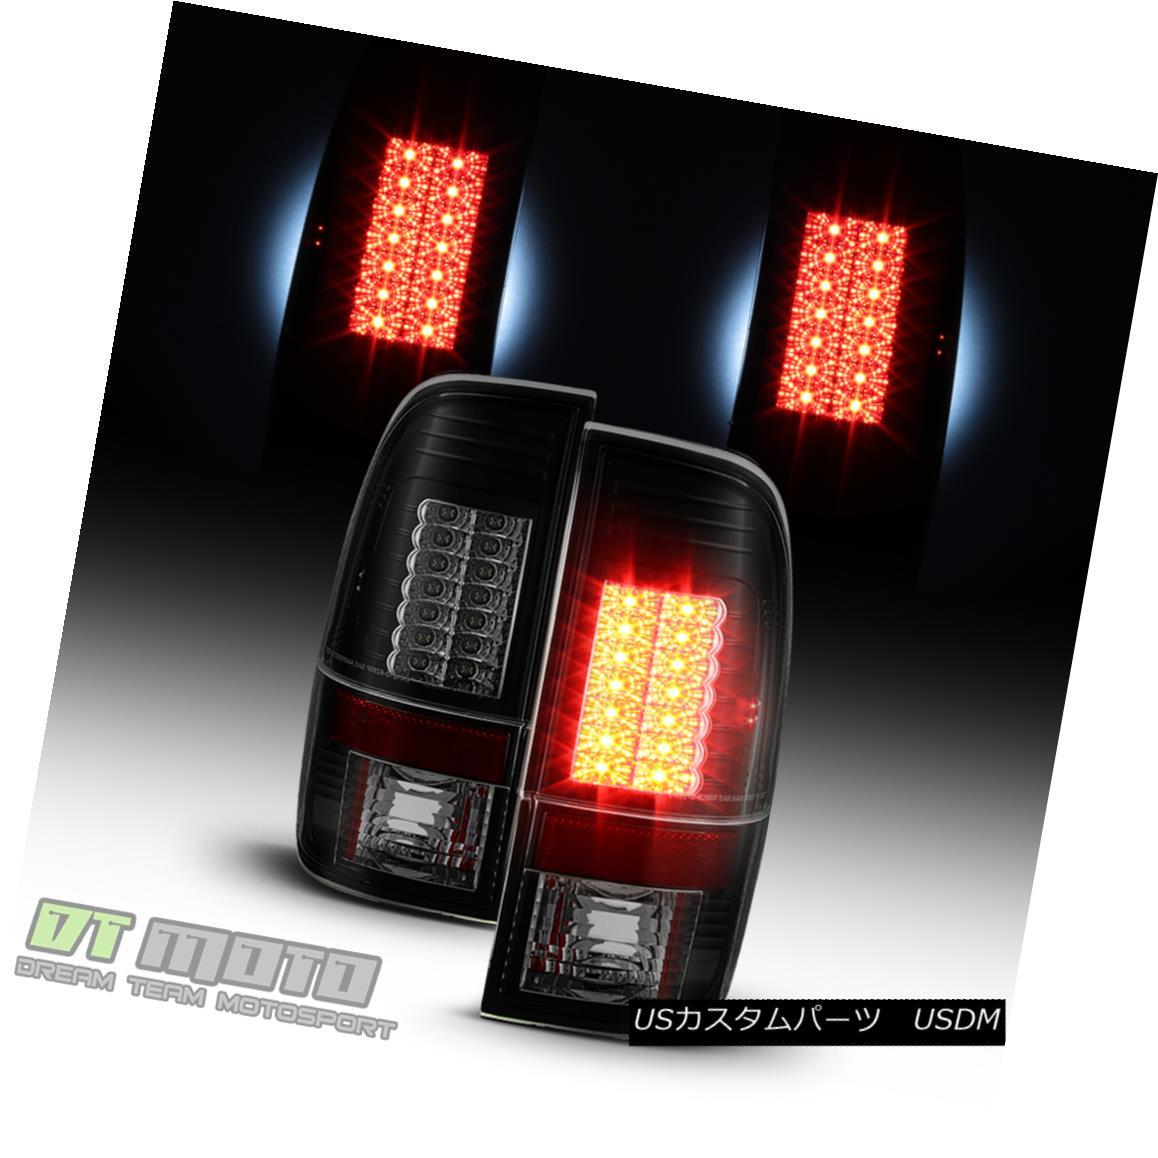 テールライト Black Smoke 1997-2003 Ford F150 99-07 F250 F350 SuperDuty LED Tail Lights Lamps ブラックスモーク1997-2003フォードF150 99-07 F250 F350 SuperDuty LEDテールライトランプ